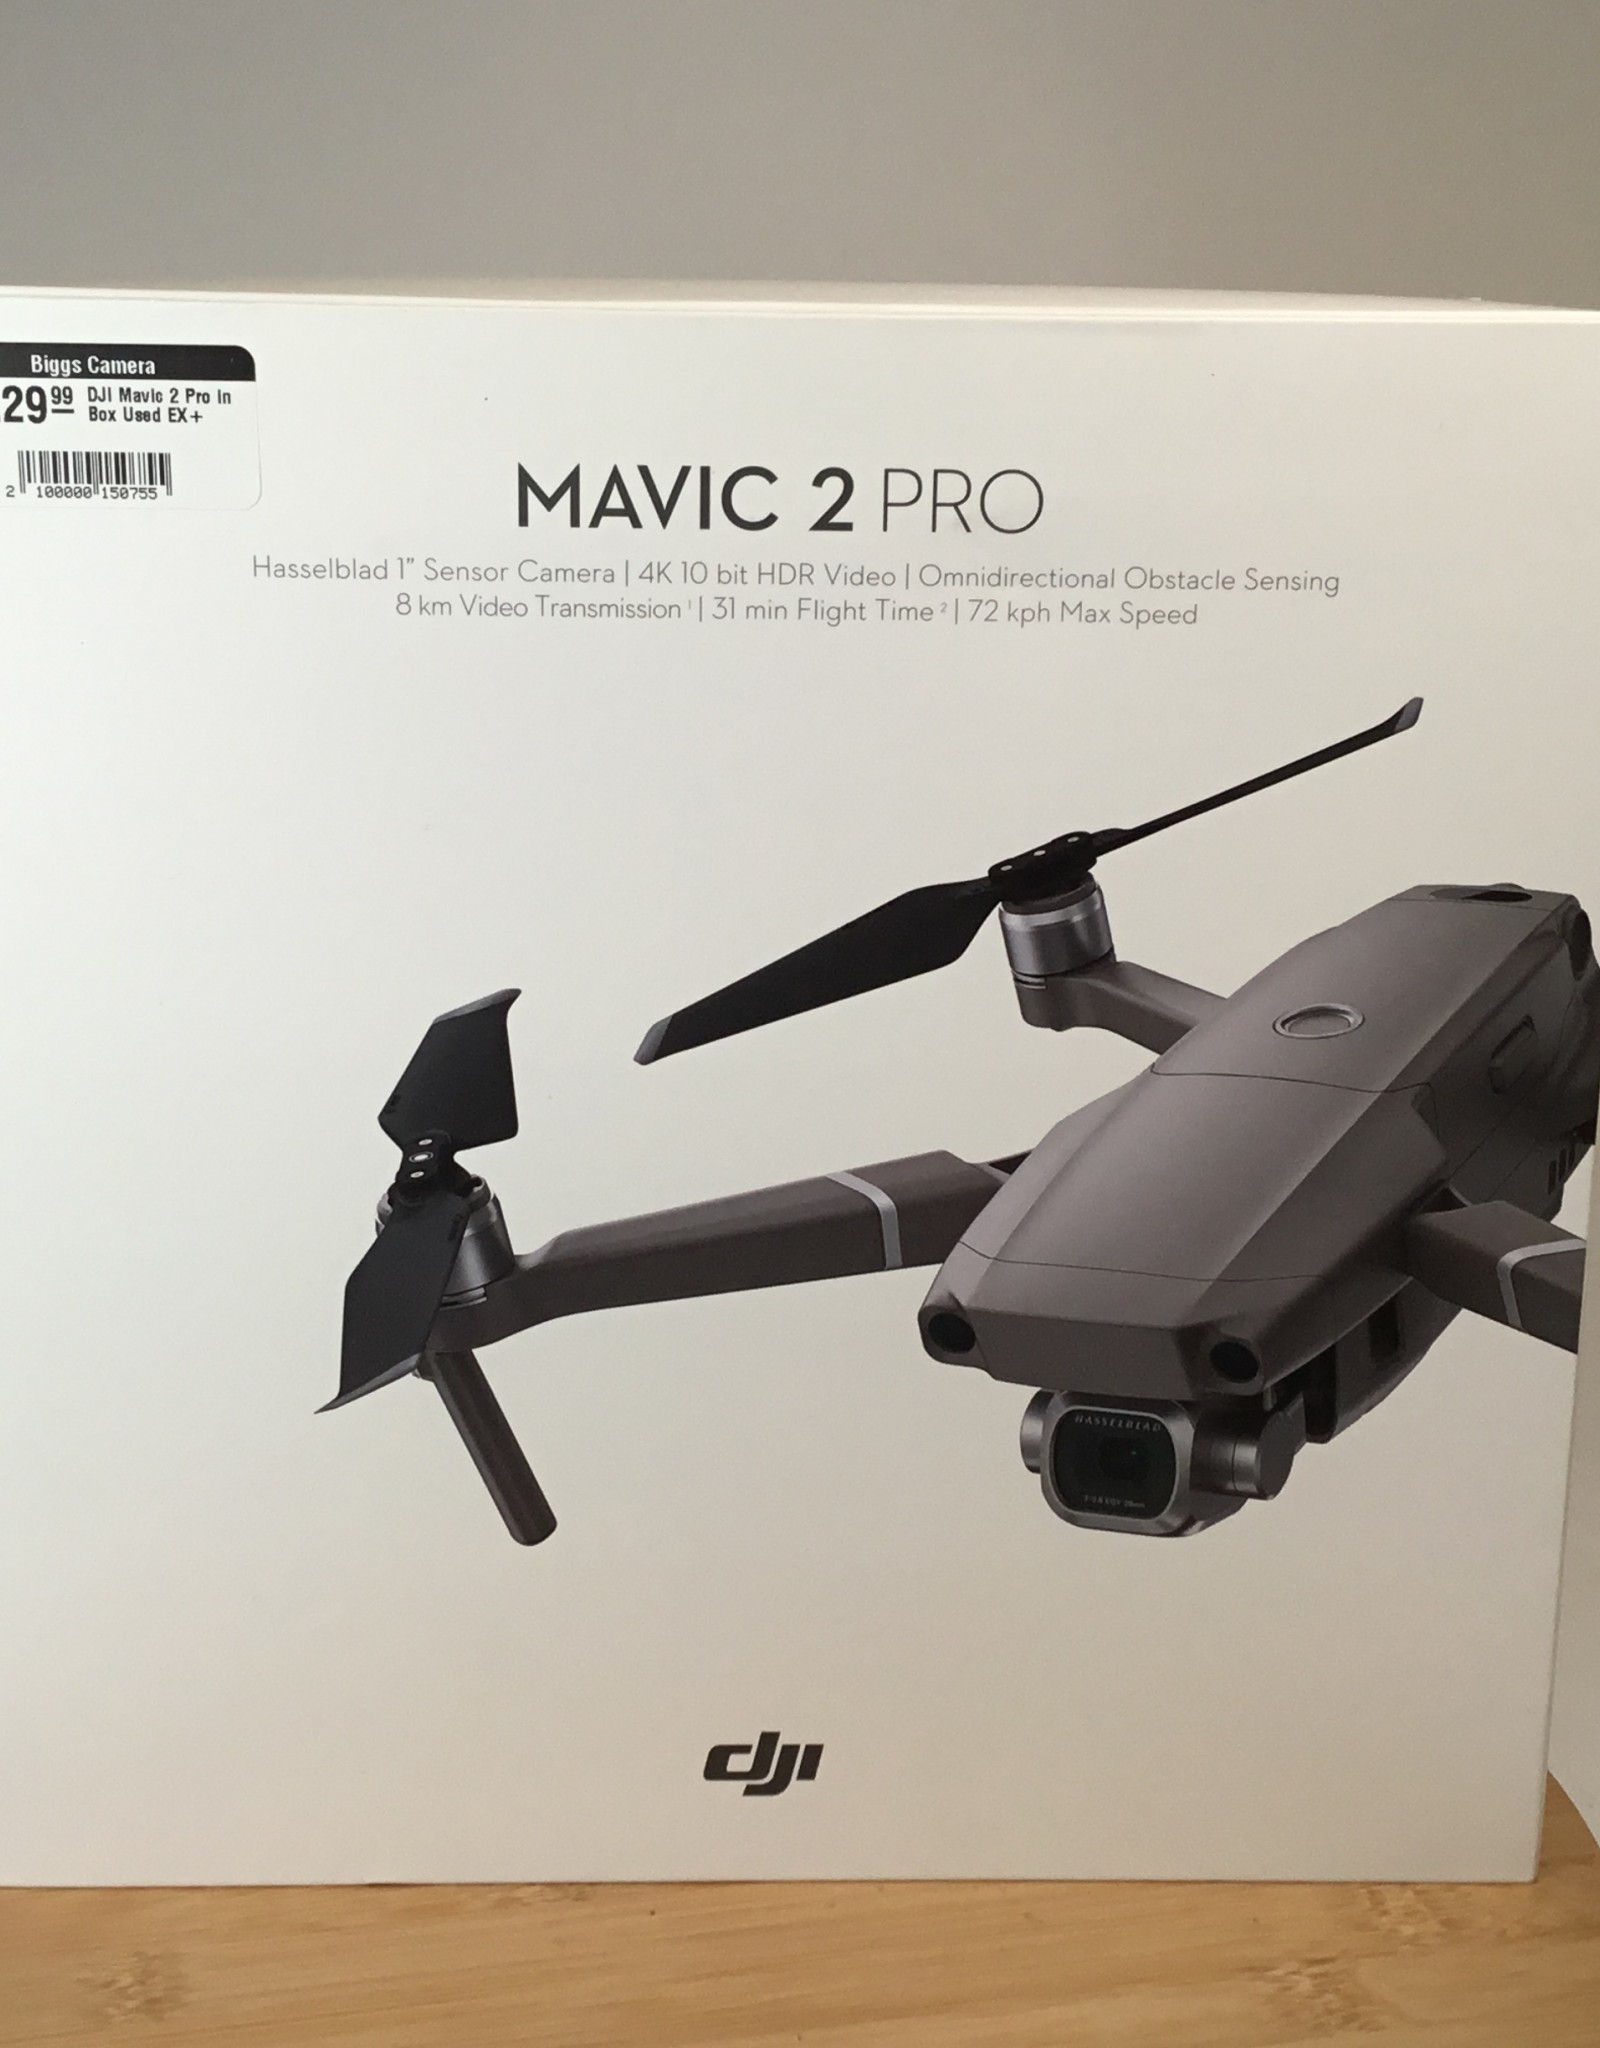 DJI DJI Mavic 2 Pro in Box Used EX+